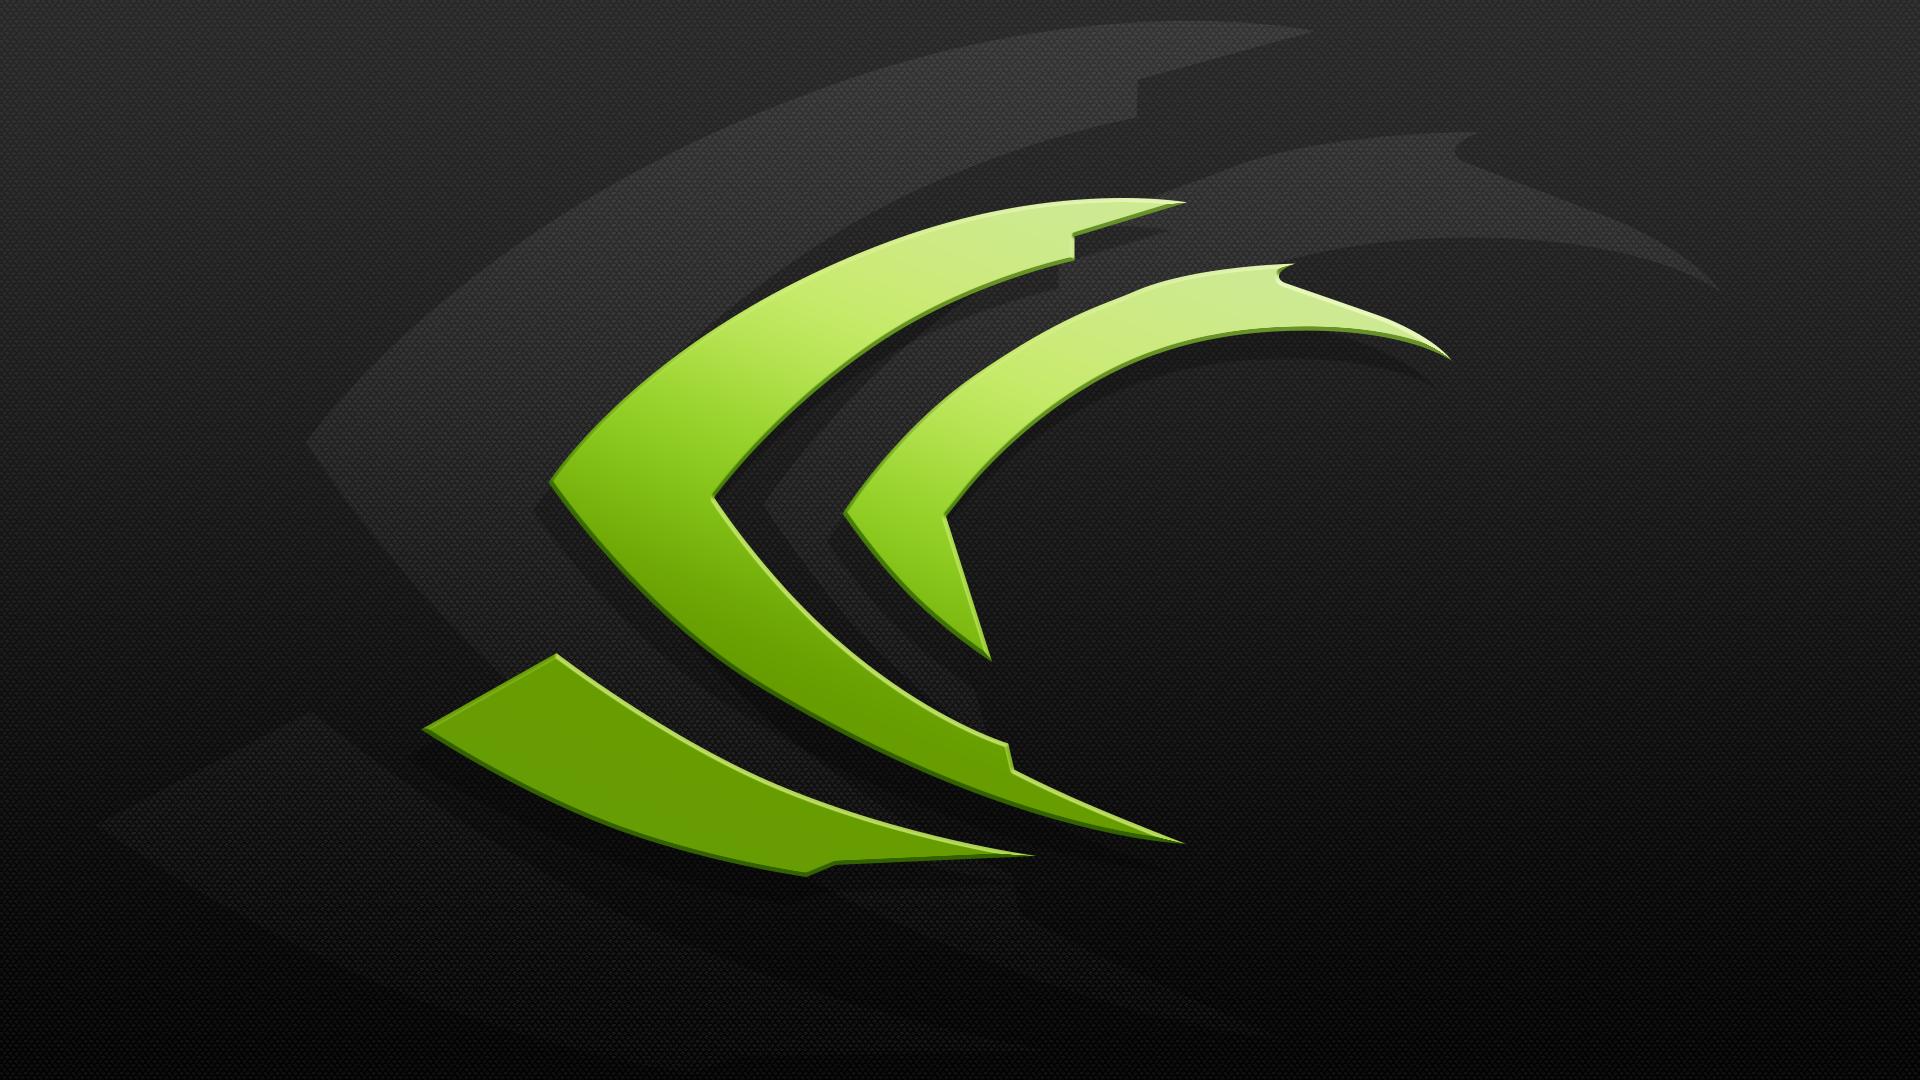 Nvidia заработала намайнинге криптовалют иискусственном интеллекте